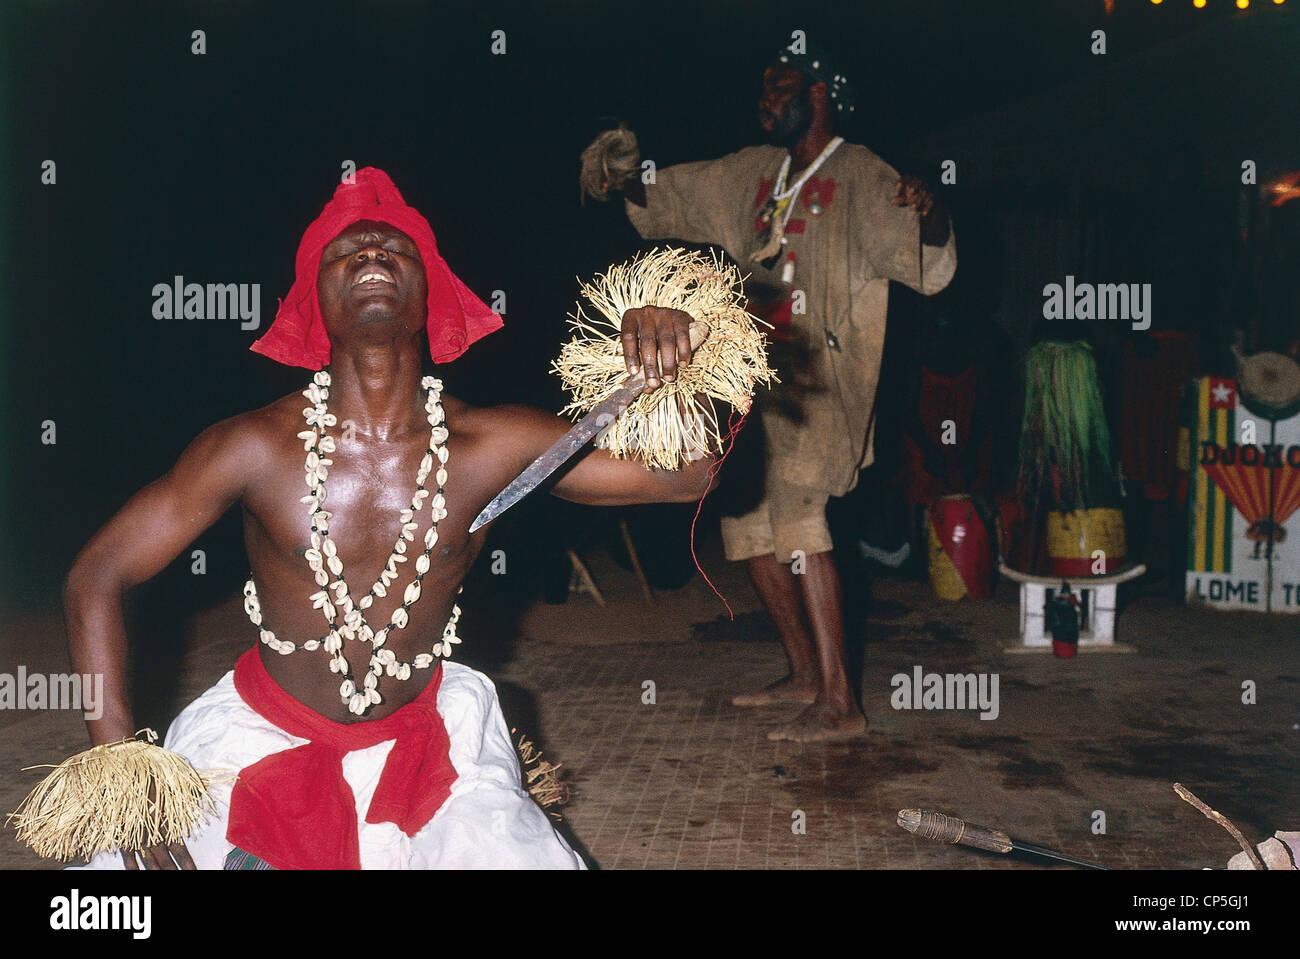 Vudu Stock Photos & Vudu Stock Images - Alamy